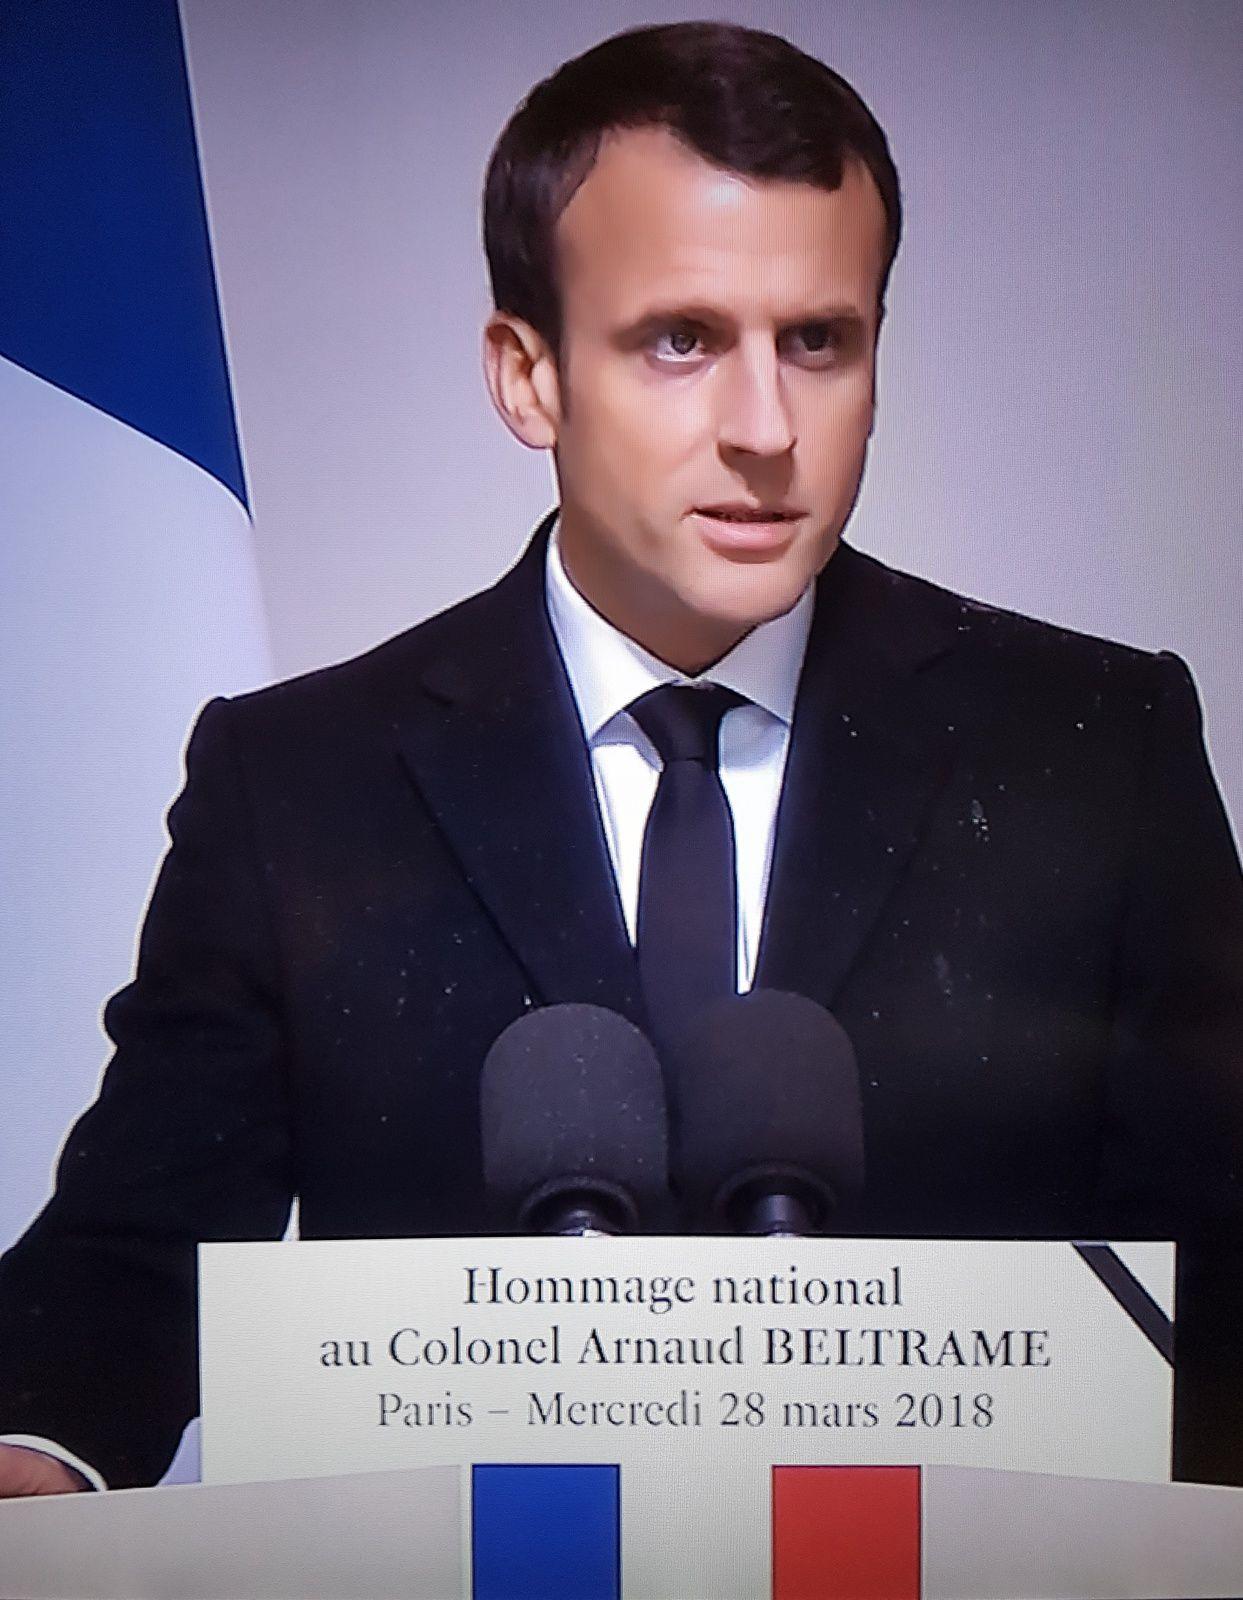 Le lieutenant-colonel, Arnaud BELTRAME, un héros.